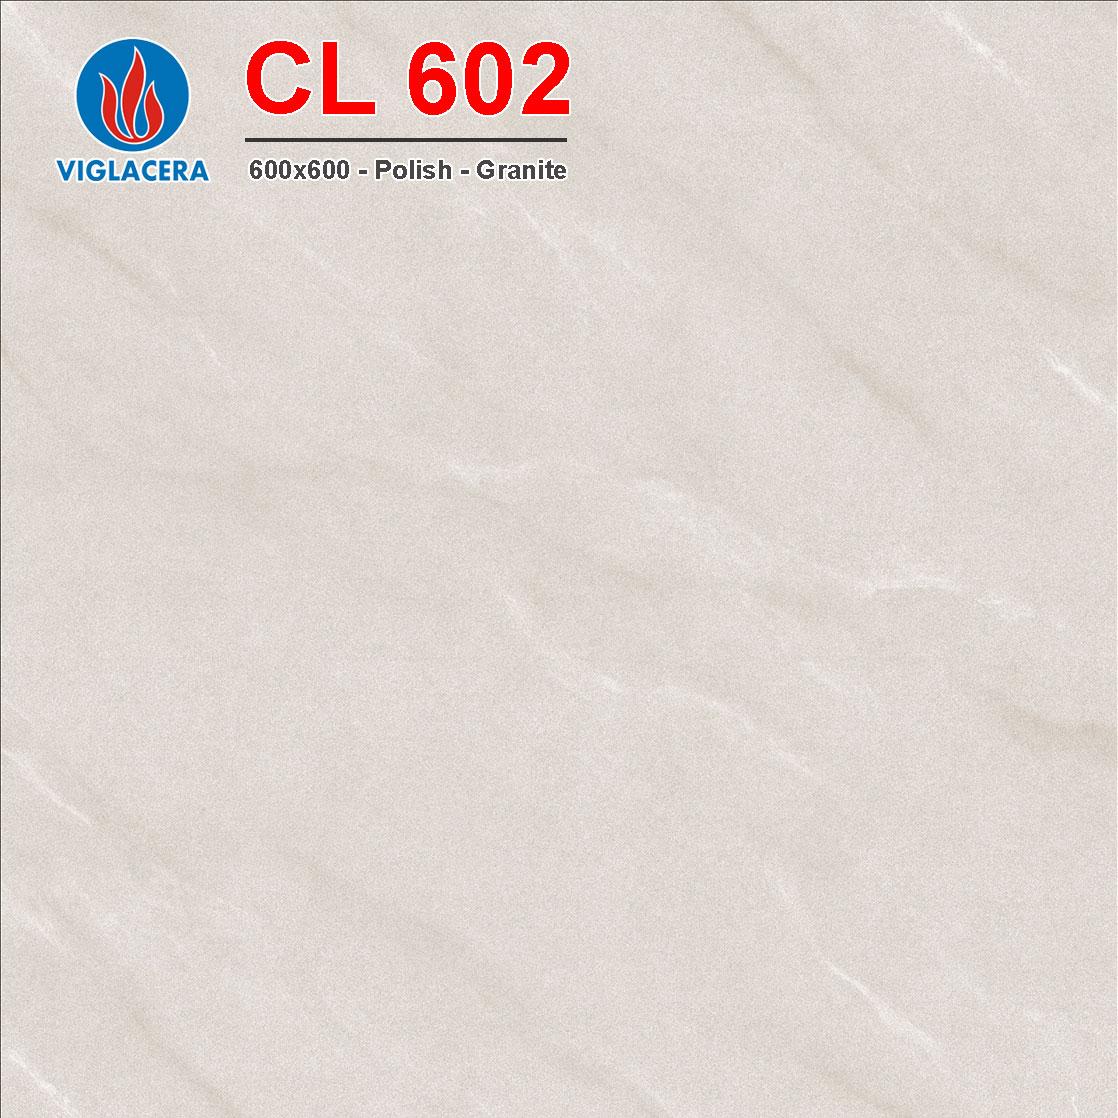 Gạch lát nền 600x600 Viglacera CL 602 giá rẻ